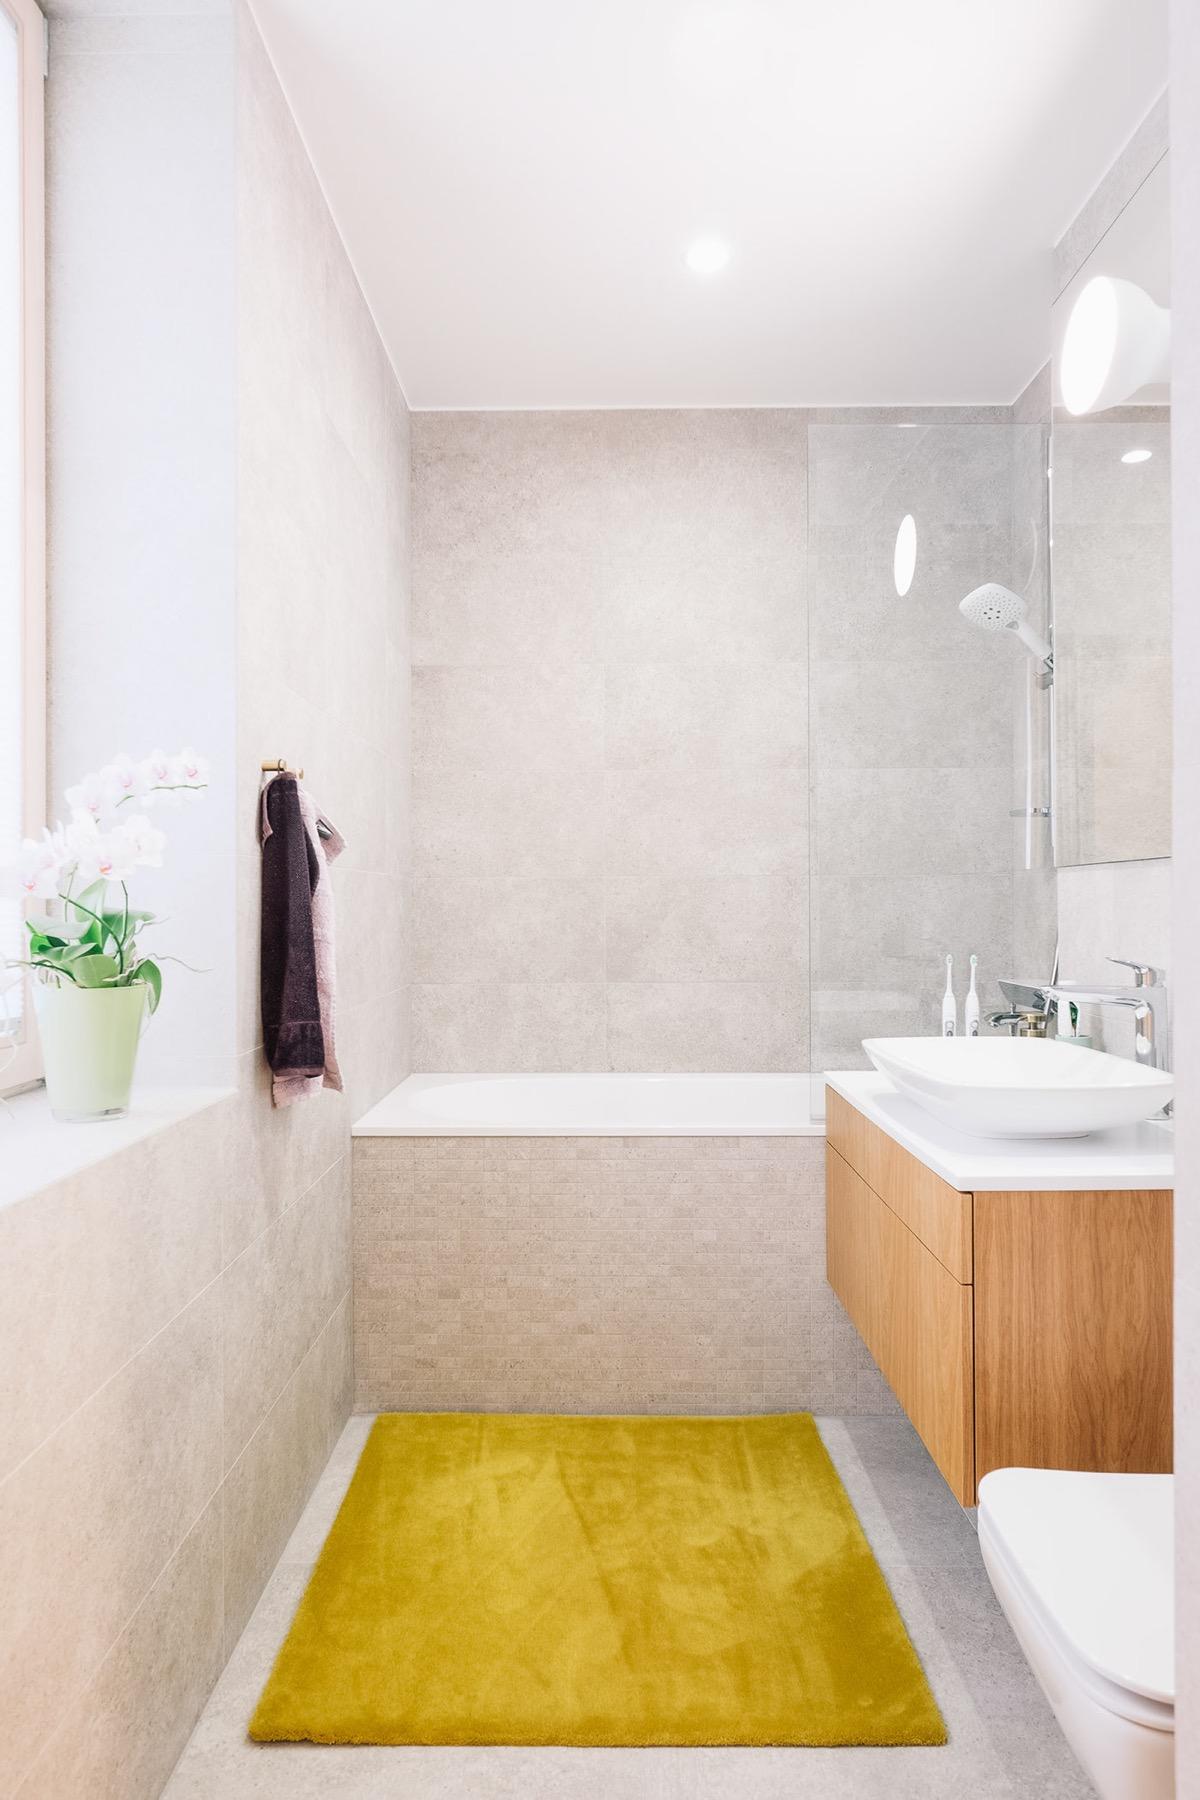 Kết hợp tông màu xanh, vàng với phong cách thiết kế tối giản